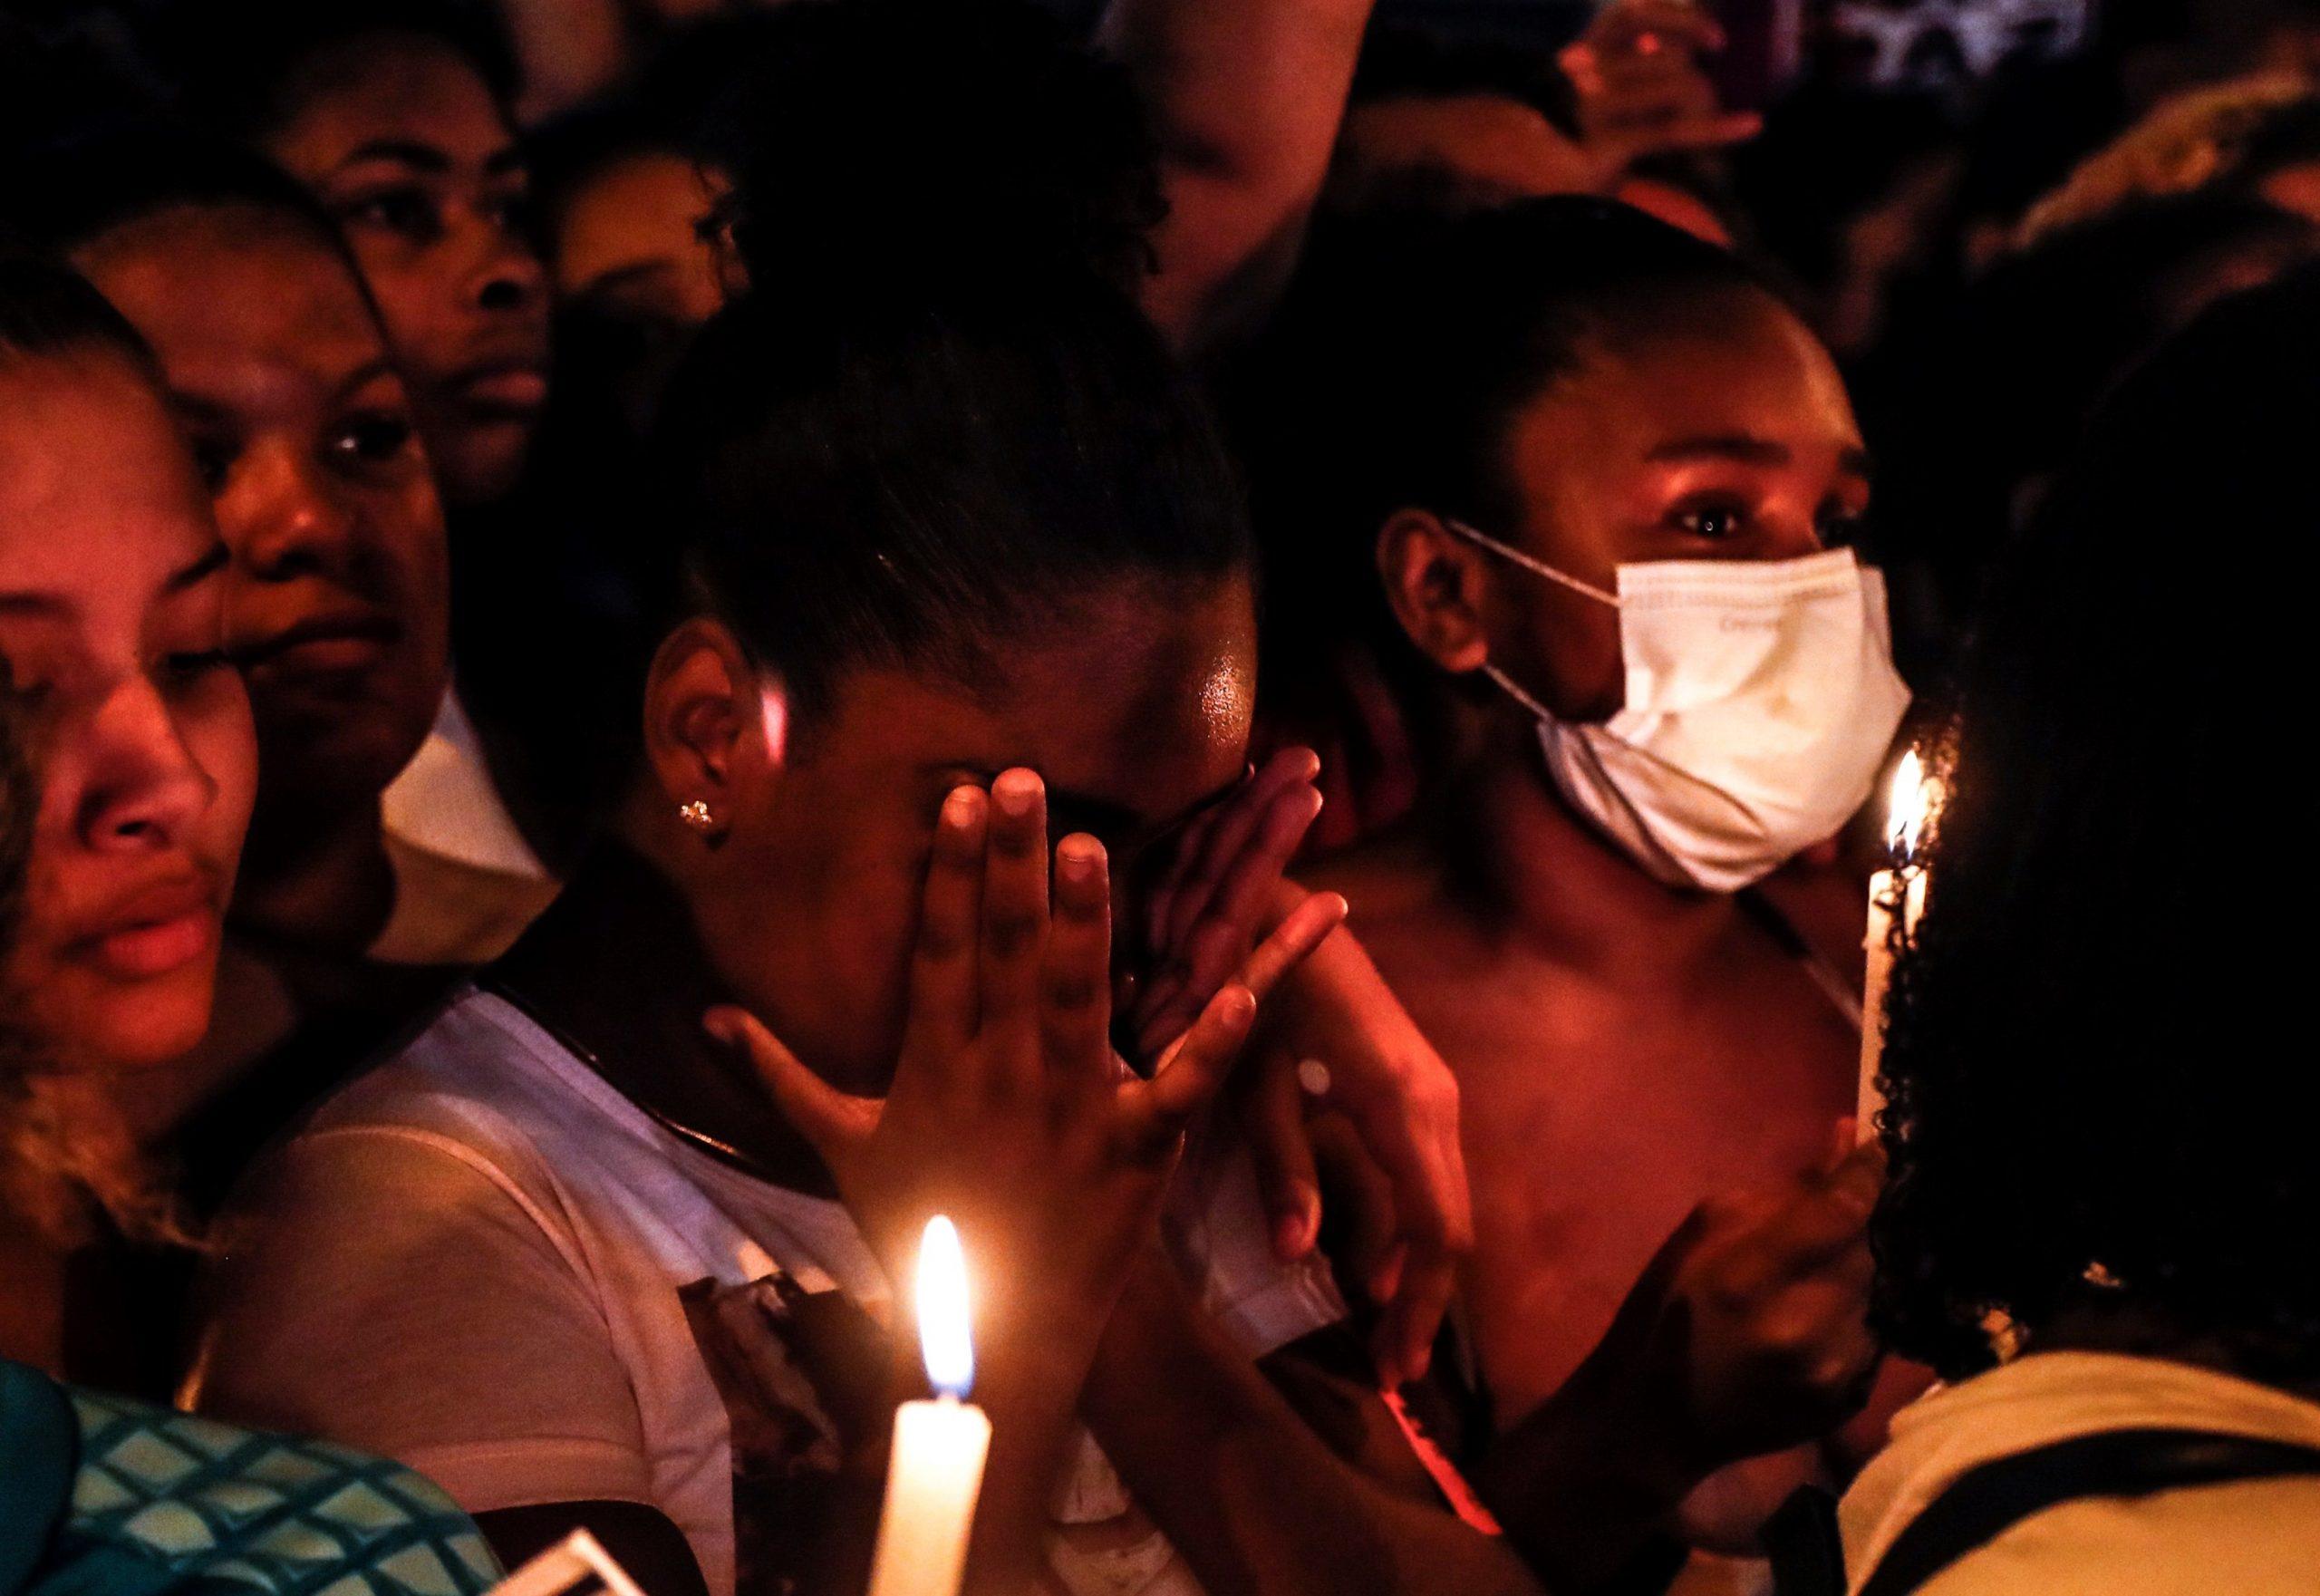 Masacre policial en Río de Janeiro deja 29 muertos - El Comercio